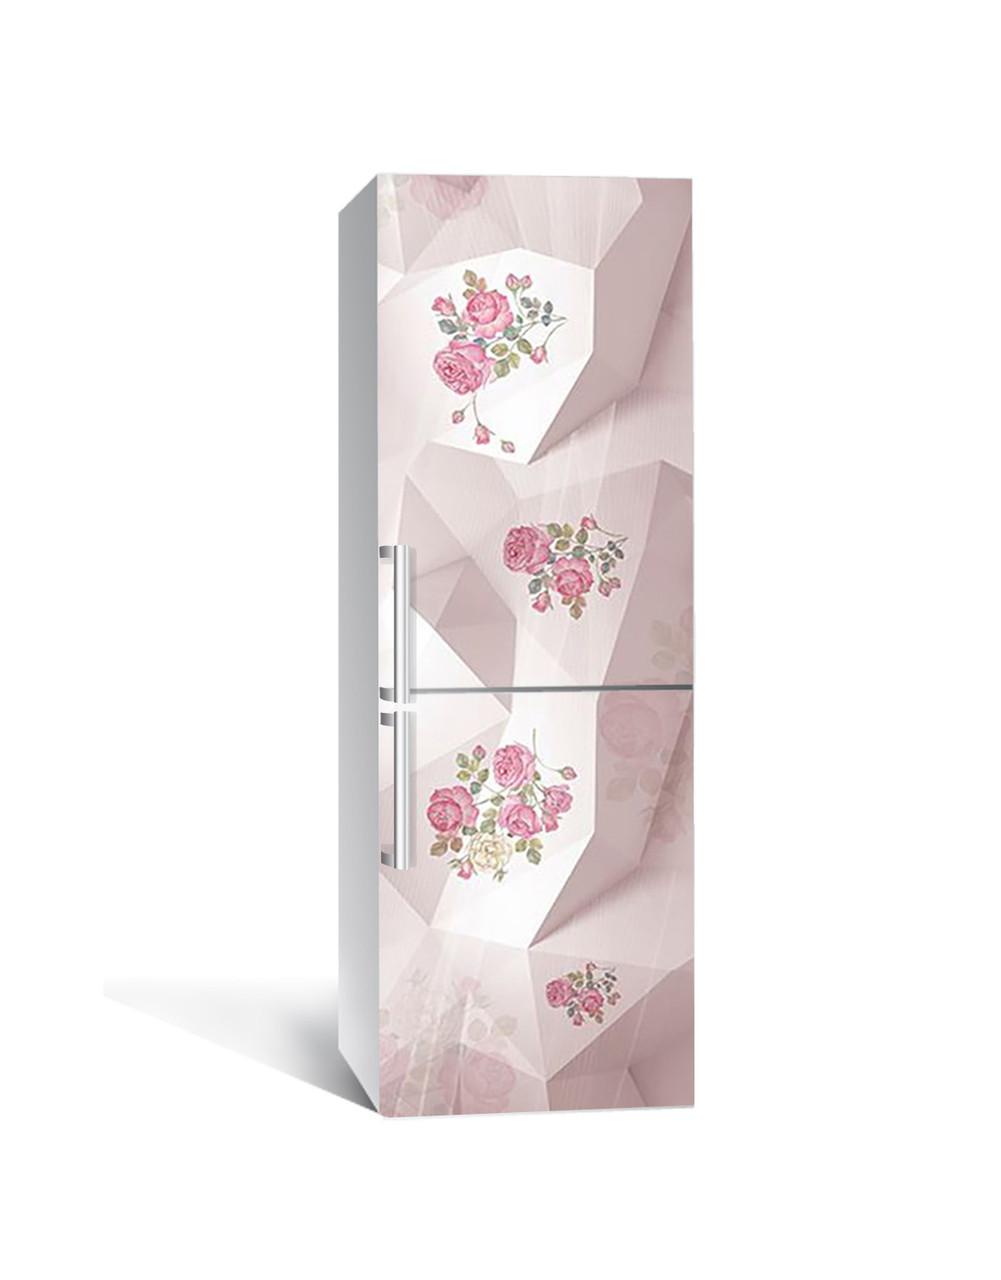 Вінілова наклейка на холодильник 3Д Троянди Заломлення (плівка ПВХ фотодрук) 65*200см Абстракція Рожевий